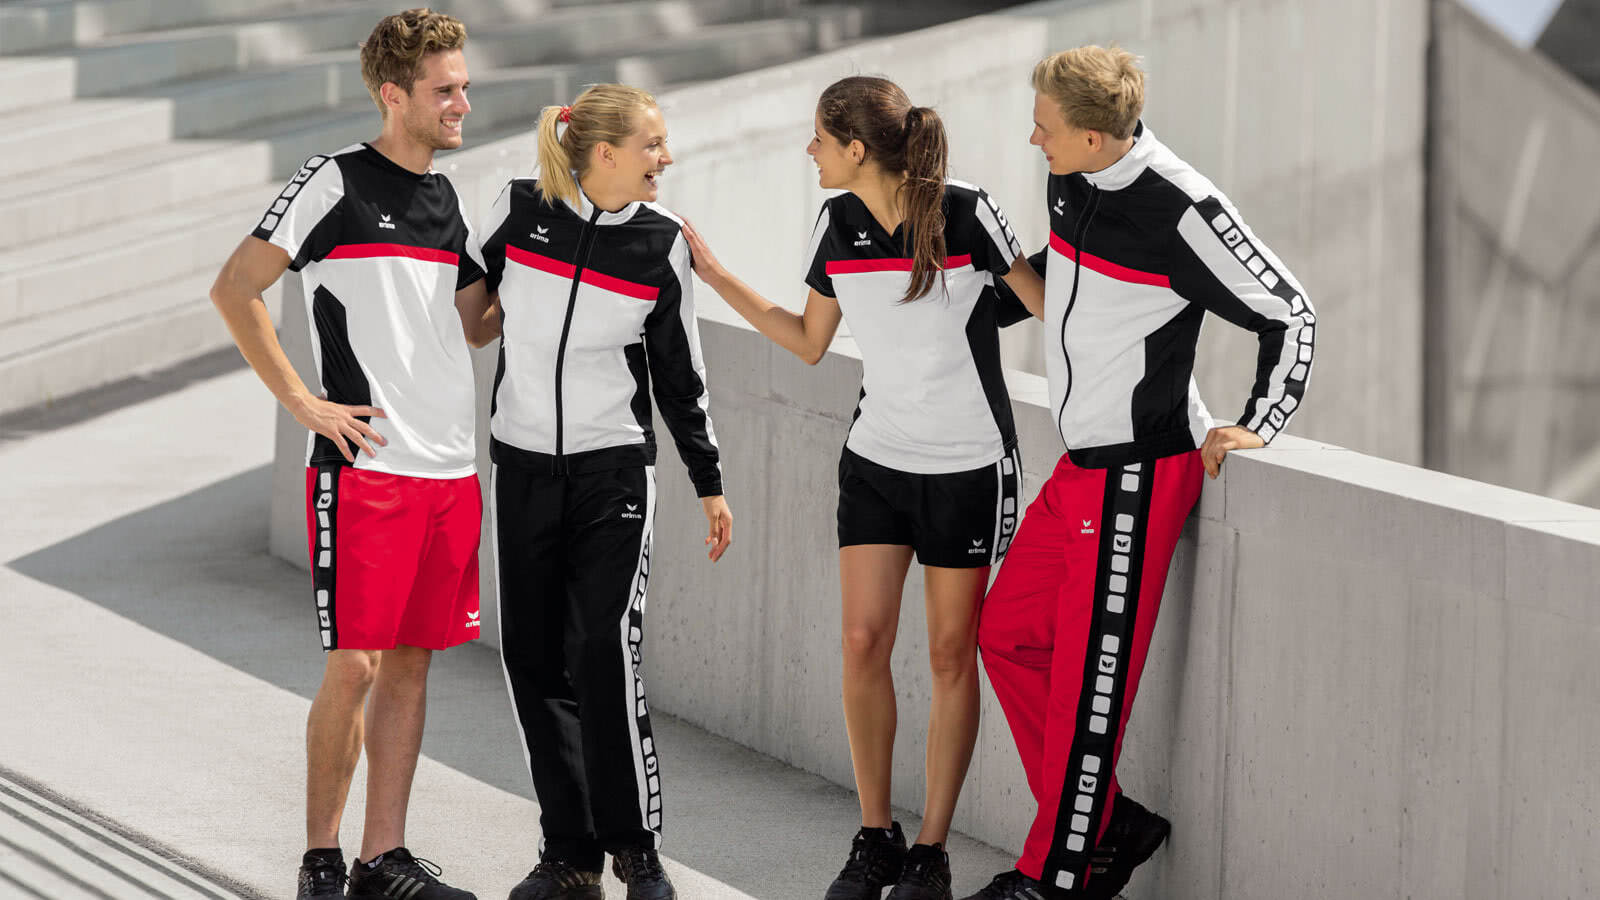 Die Erima 5-Cubes Teamline jetzt als Sportbekleidung für den Verein oder die Mannschaft kaufen